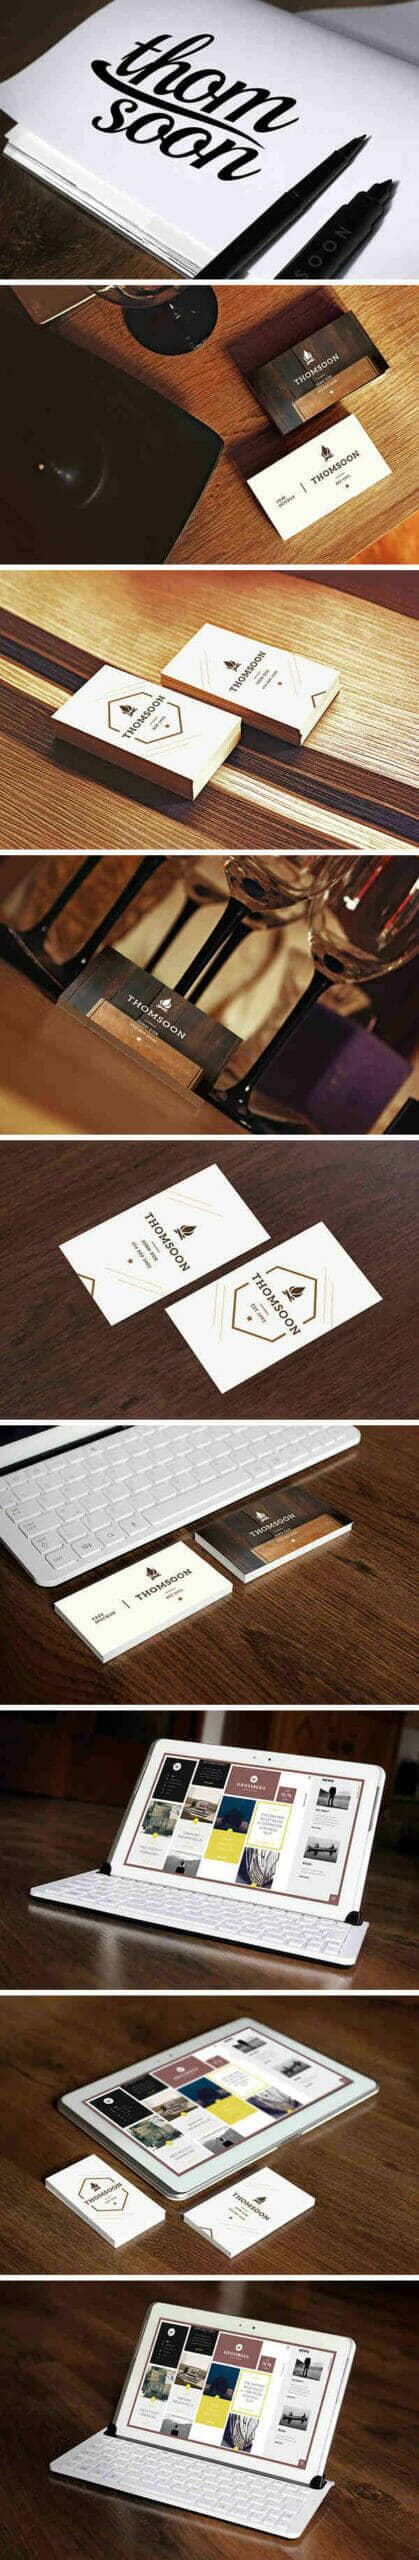 9 Business Card & Tablet Mockups